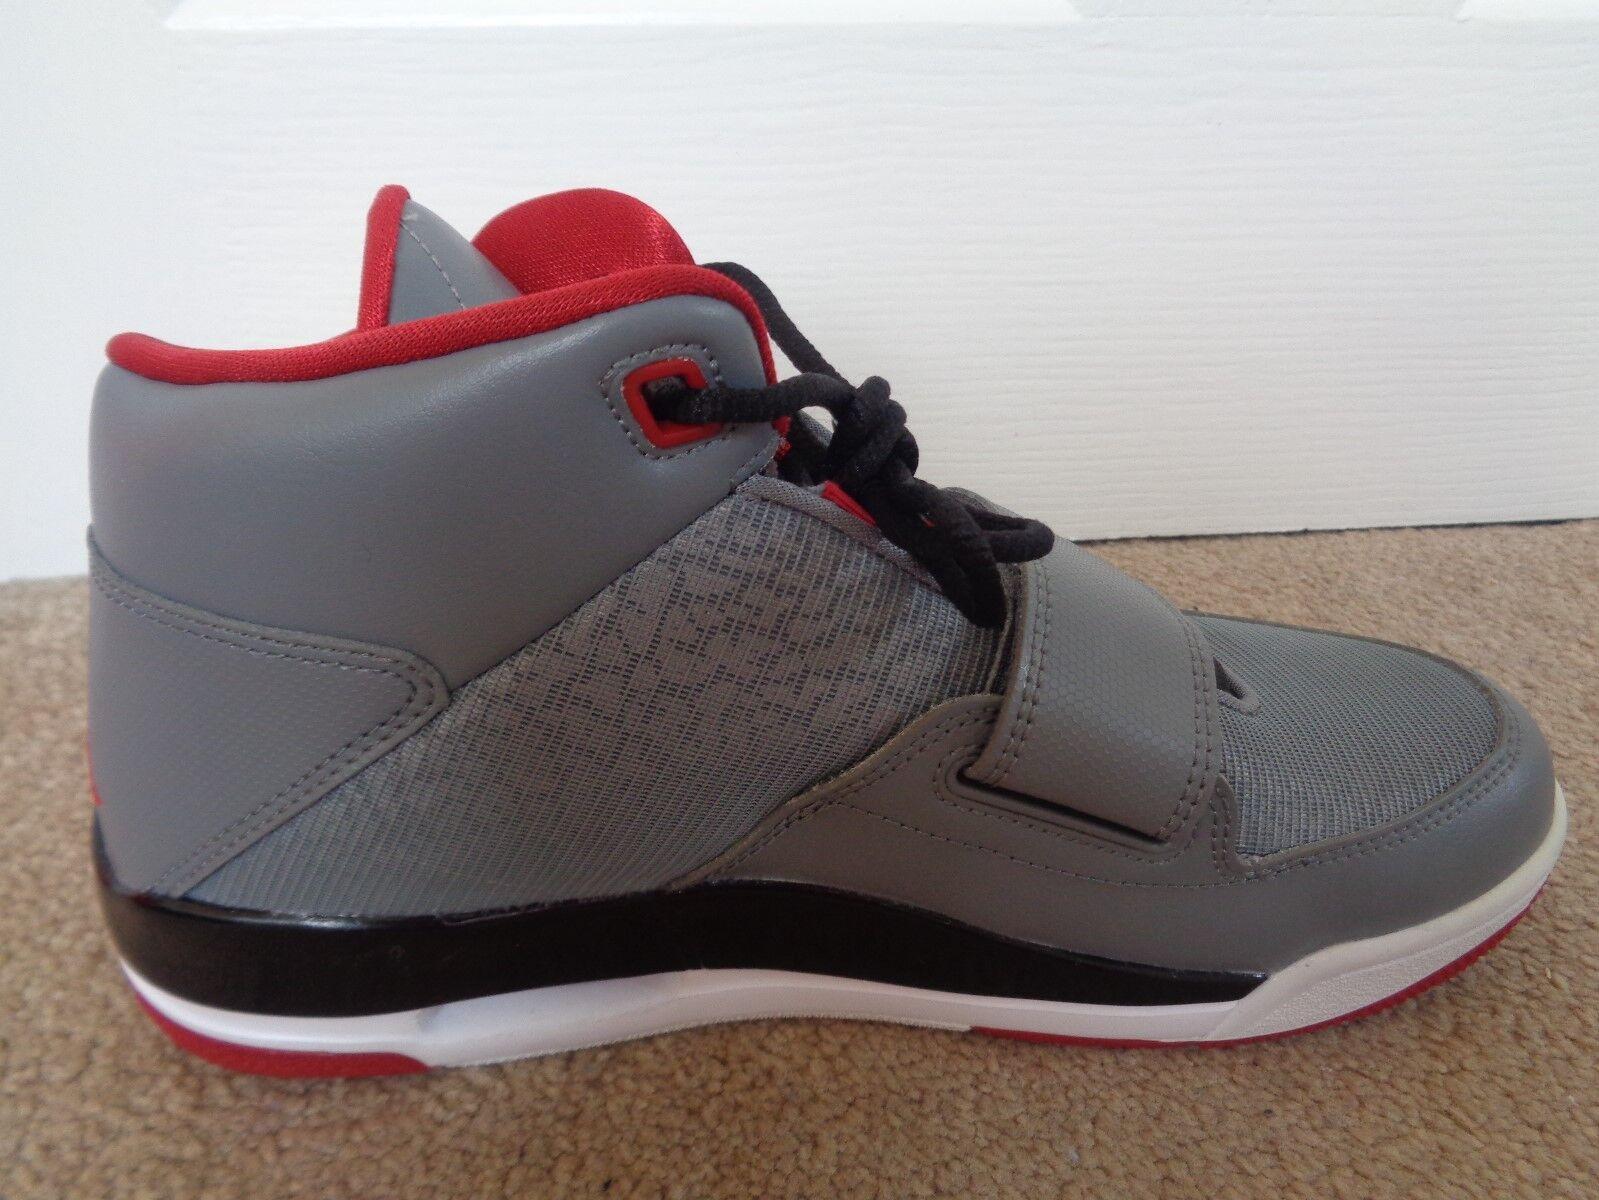 Nike Jordan FLTCLB US années 90 EntraineHommes t Baskets 602661 022 US FLTCLB 7 Neuf + Boîte 22a3ce